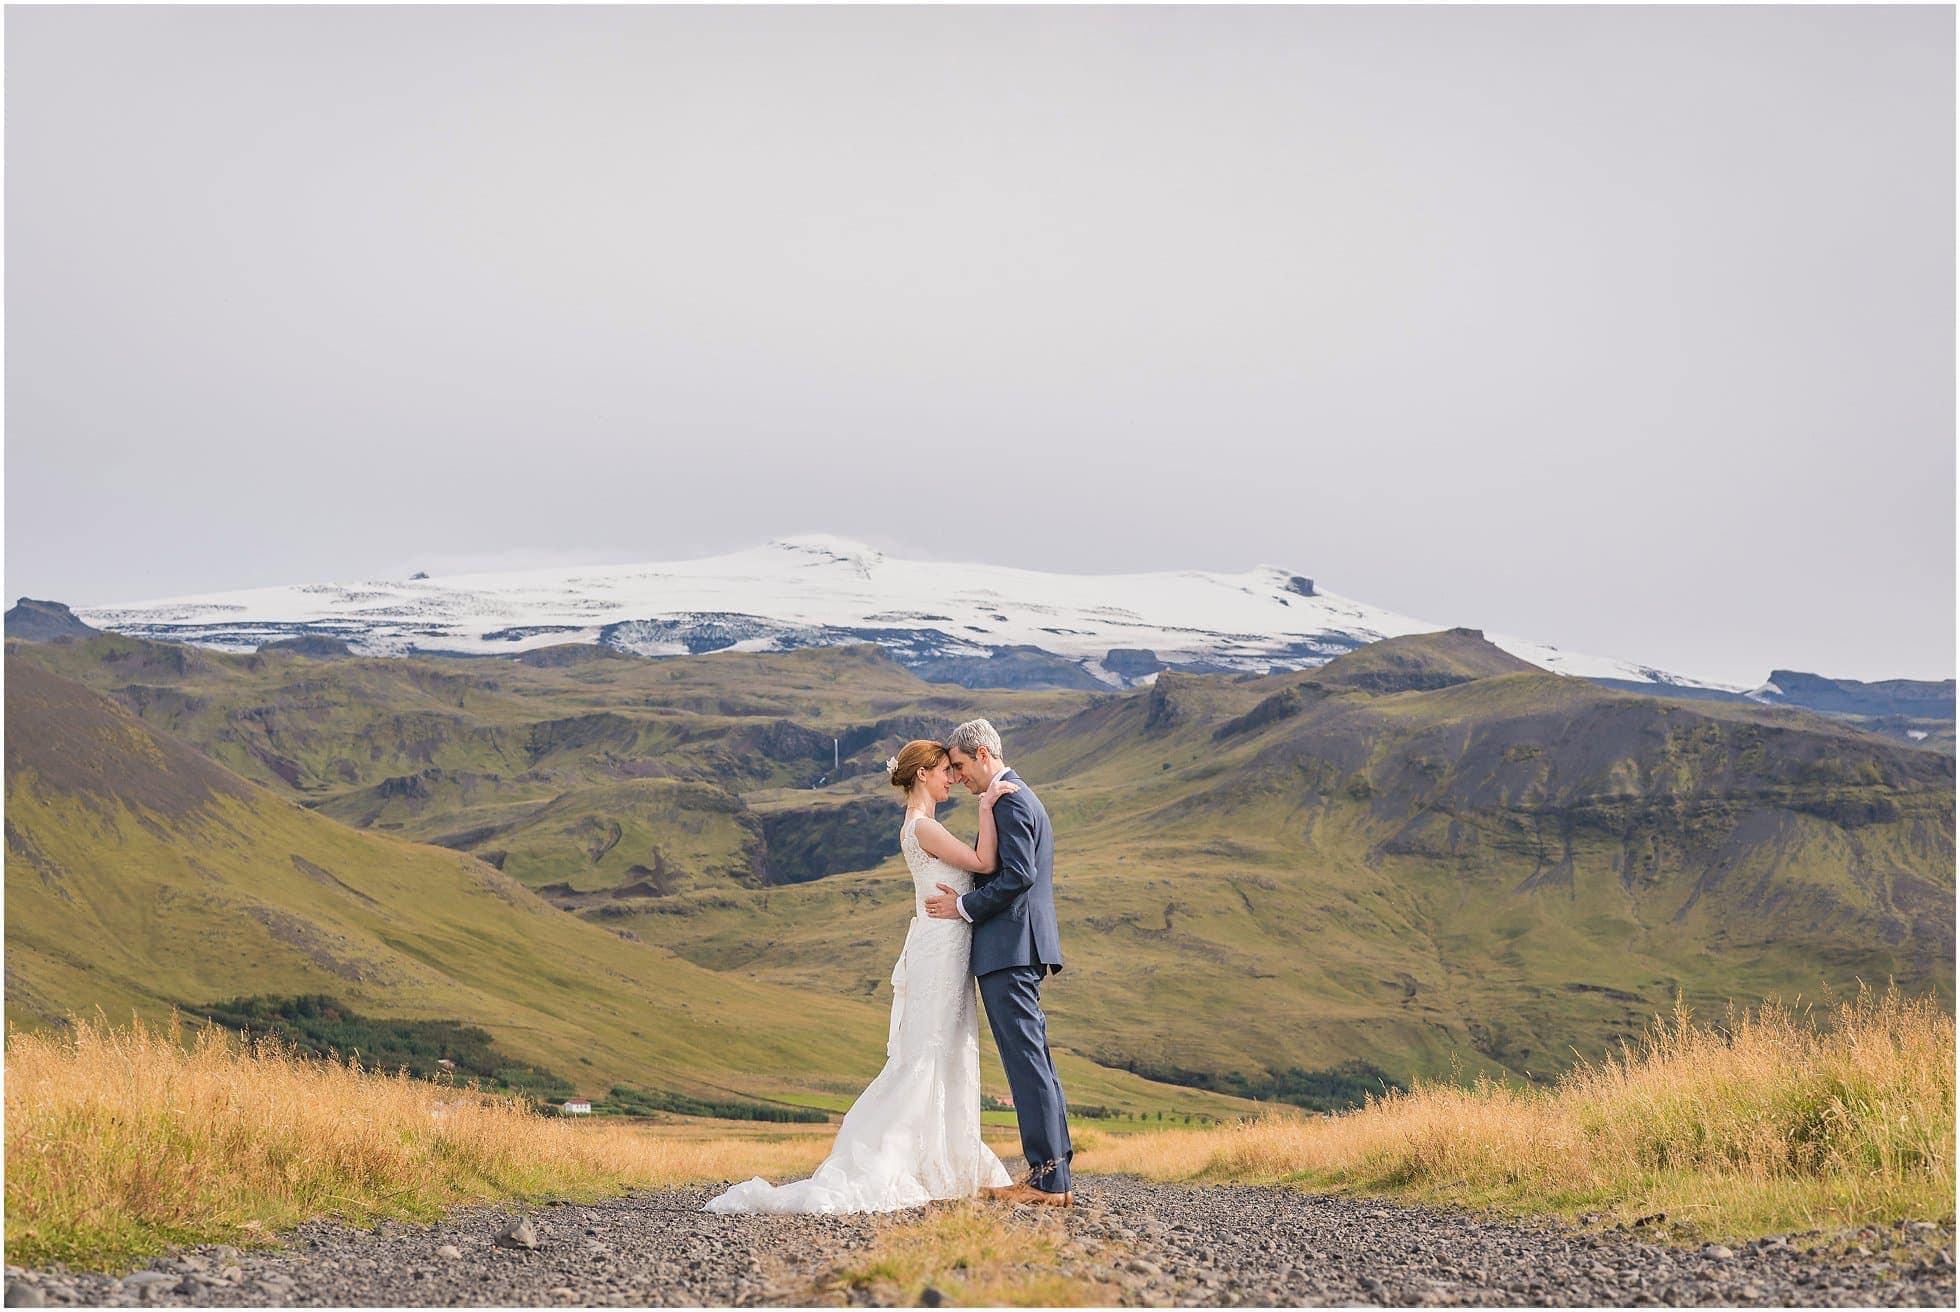 Iceland Wedding Photographer classic photo